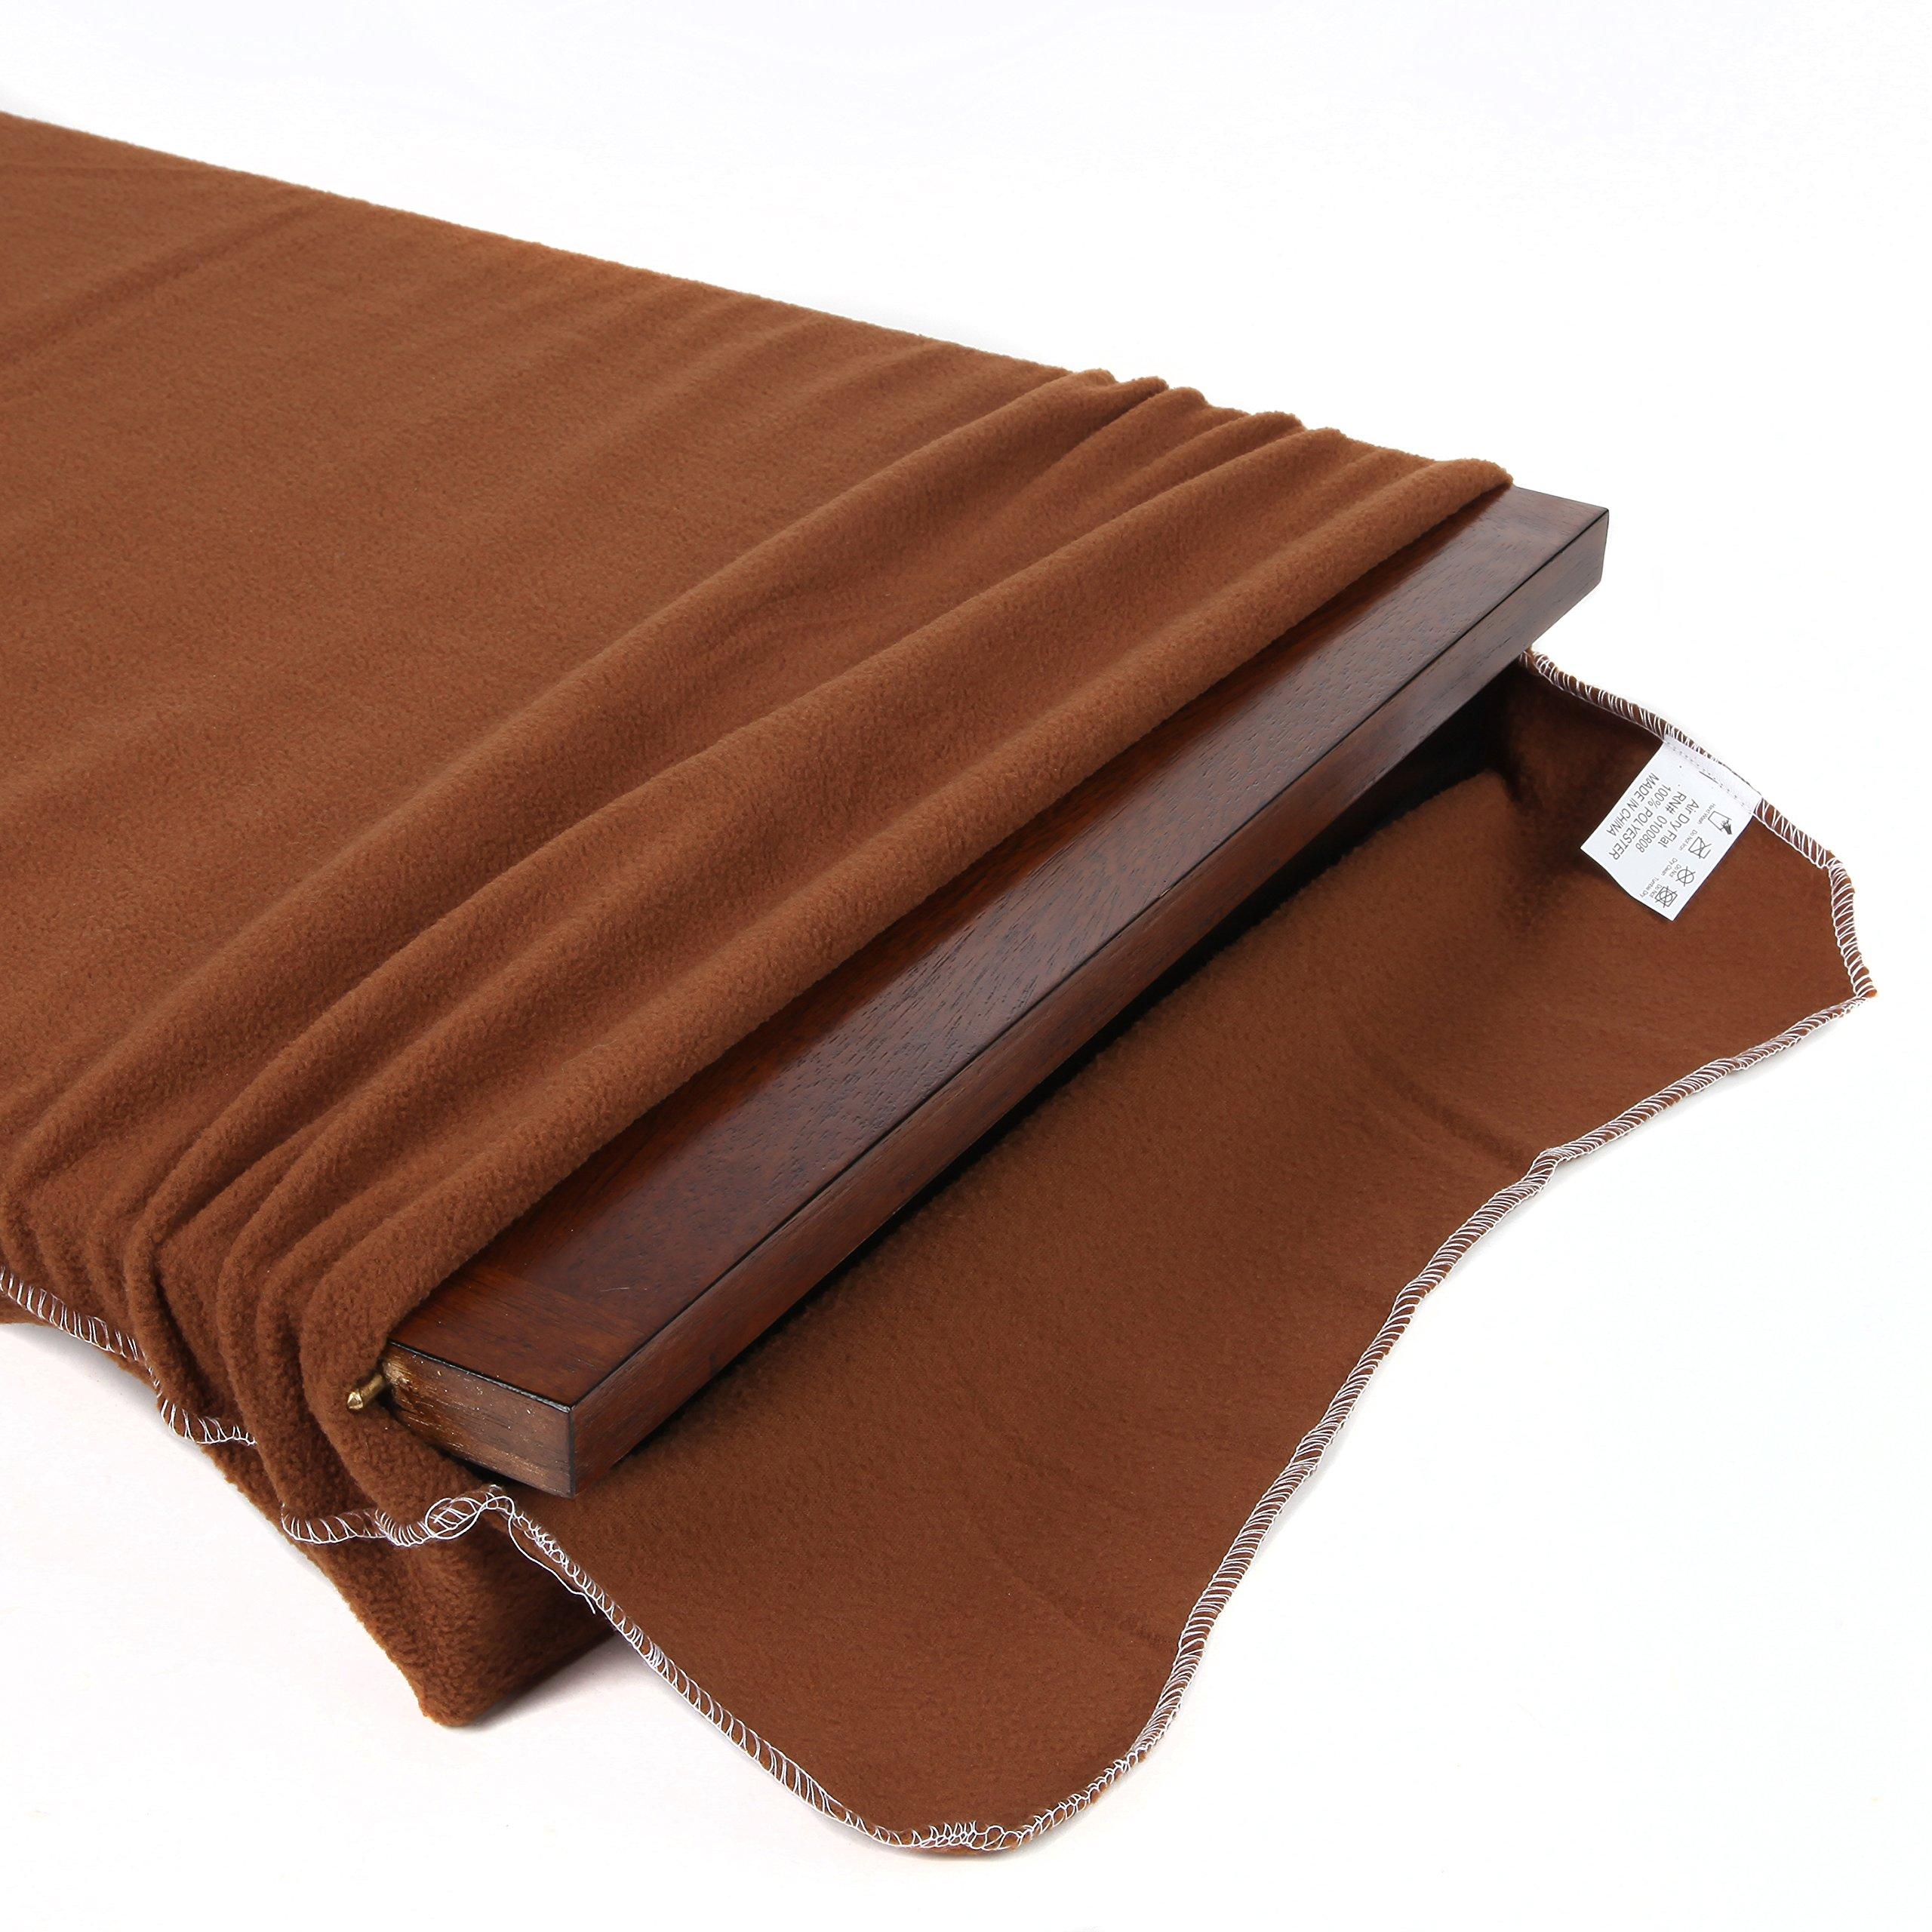 Soft Flannel Table Leaf Storage Bag (42'' X 16'')